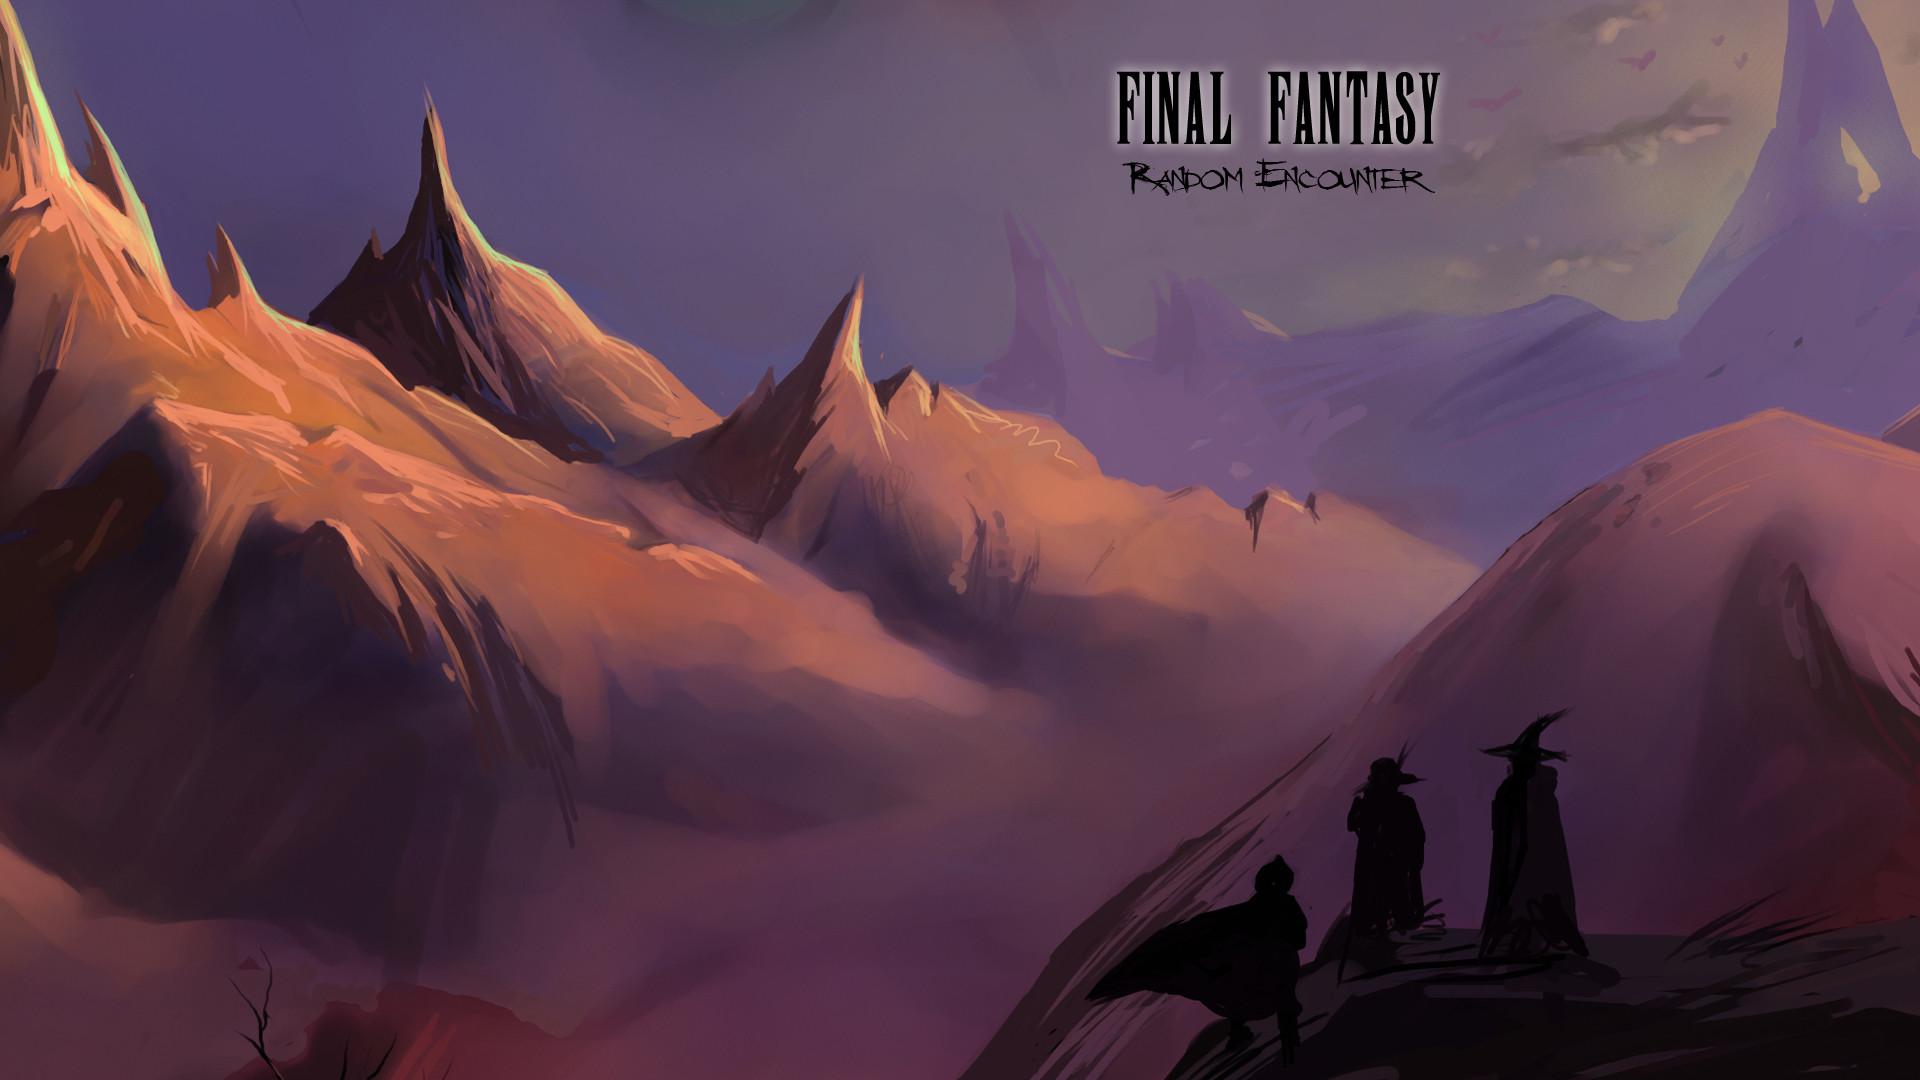 Final Fantasy Ix Wallpaper: Final Fantasy IX Wallpapers (72+ Images